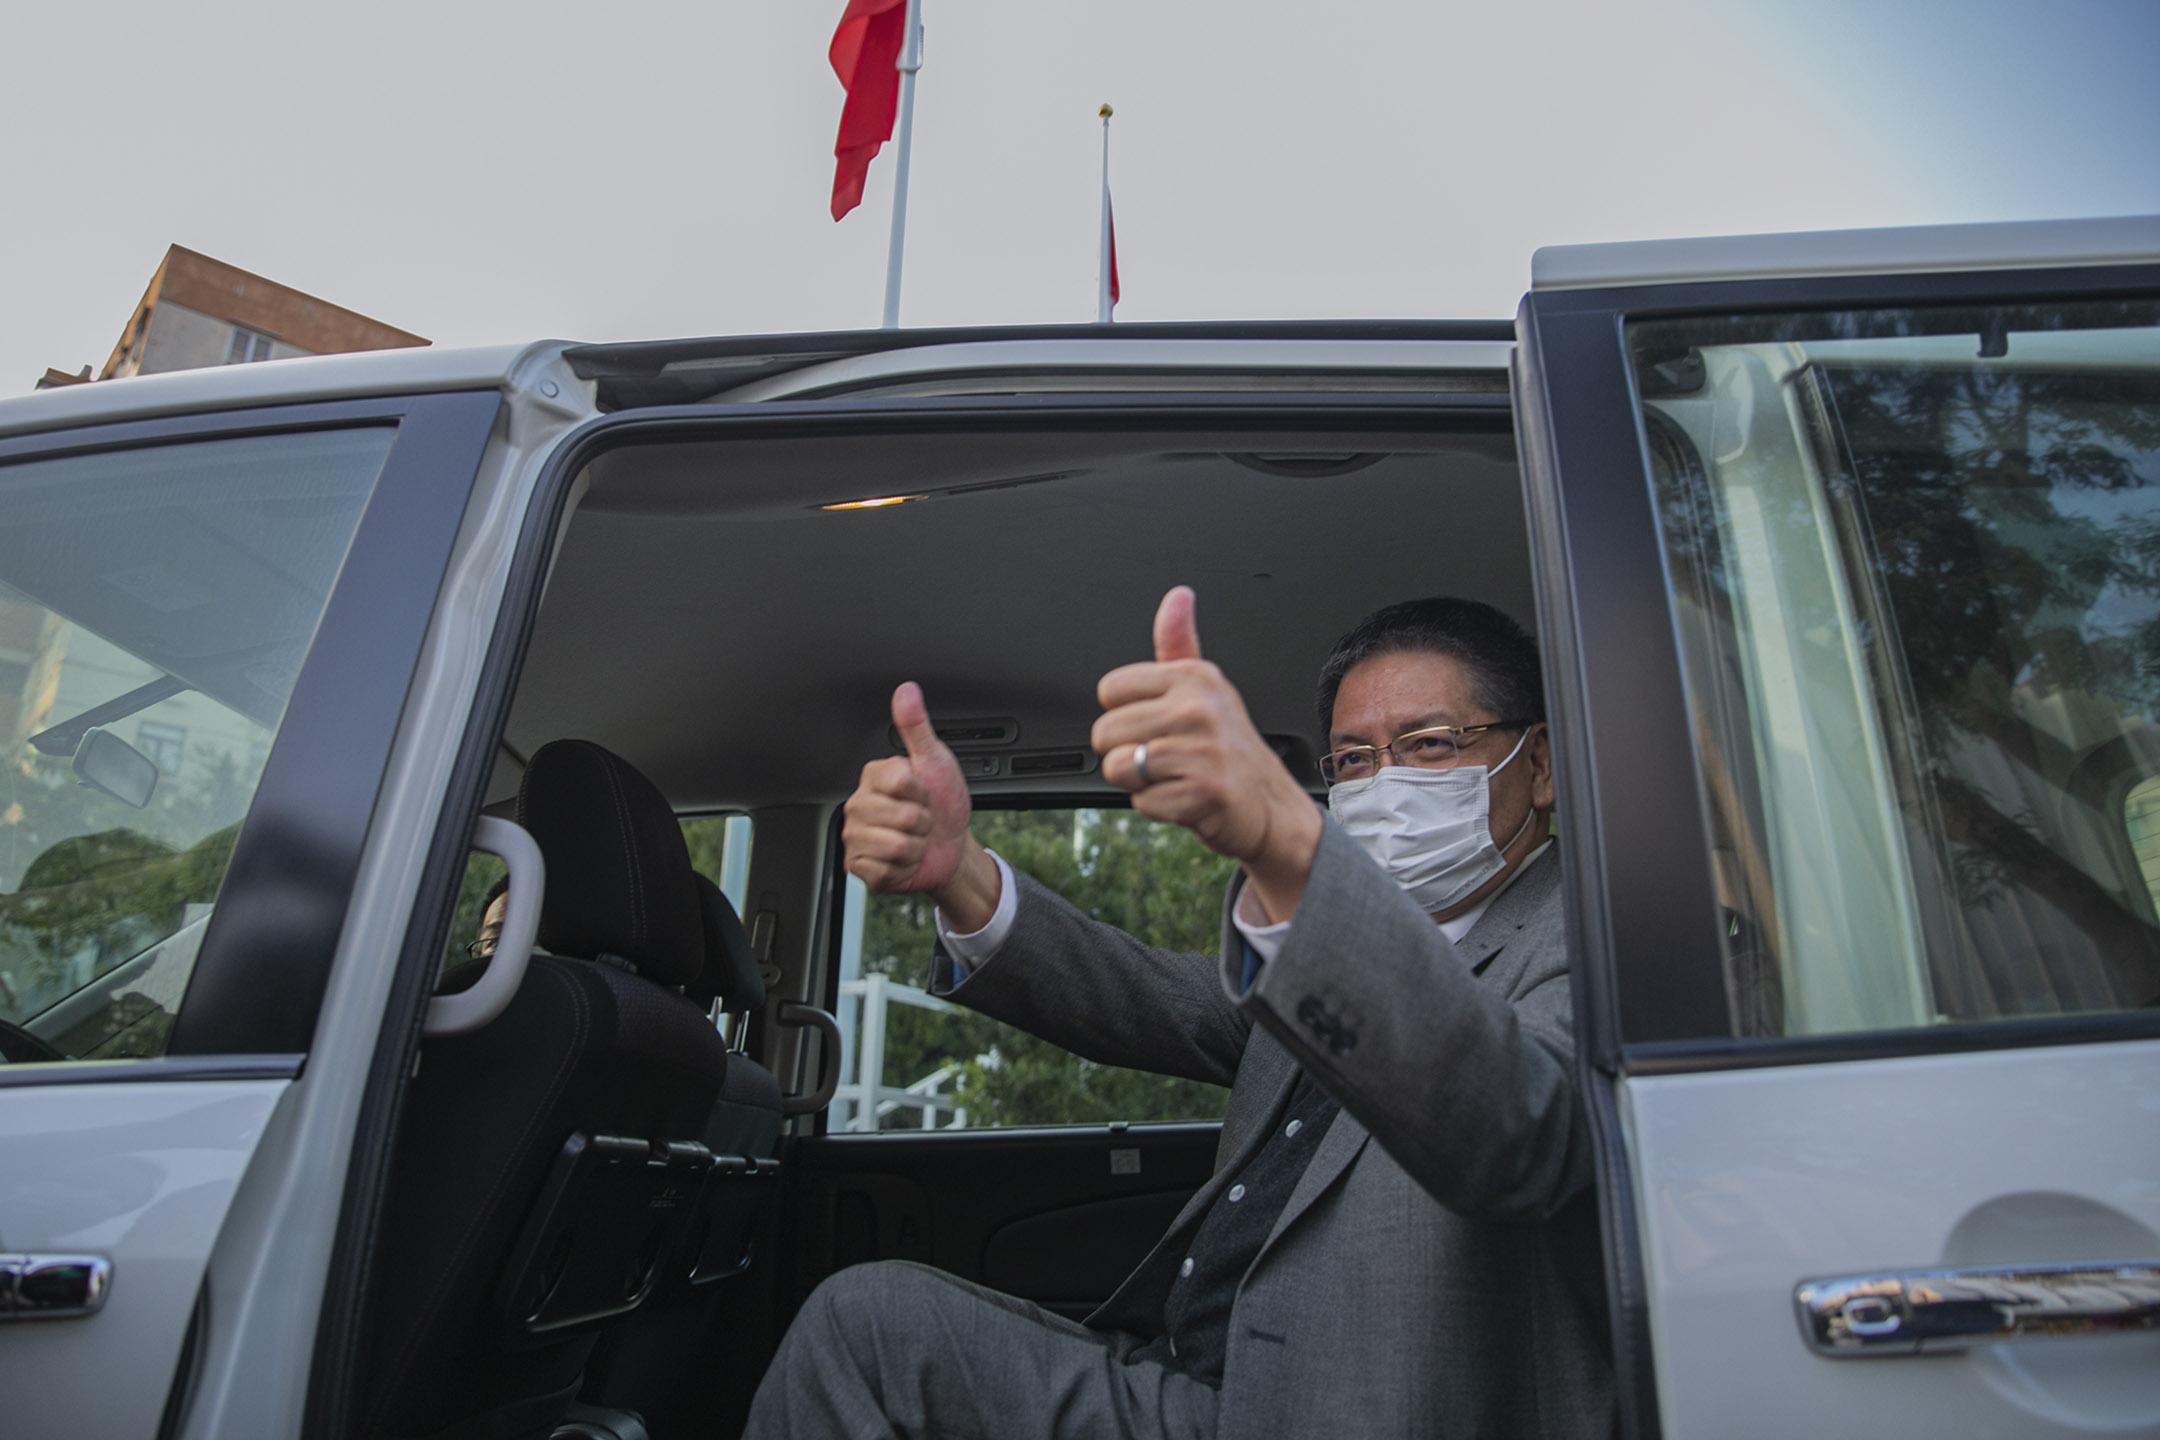 2021年2月19日香港電台,廣播處長梁家榮步出香港電台登車離開。 攝:陳焯煇/端傳媒